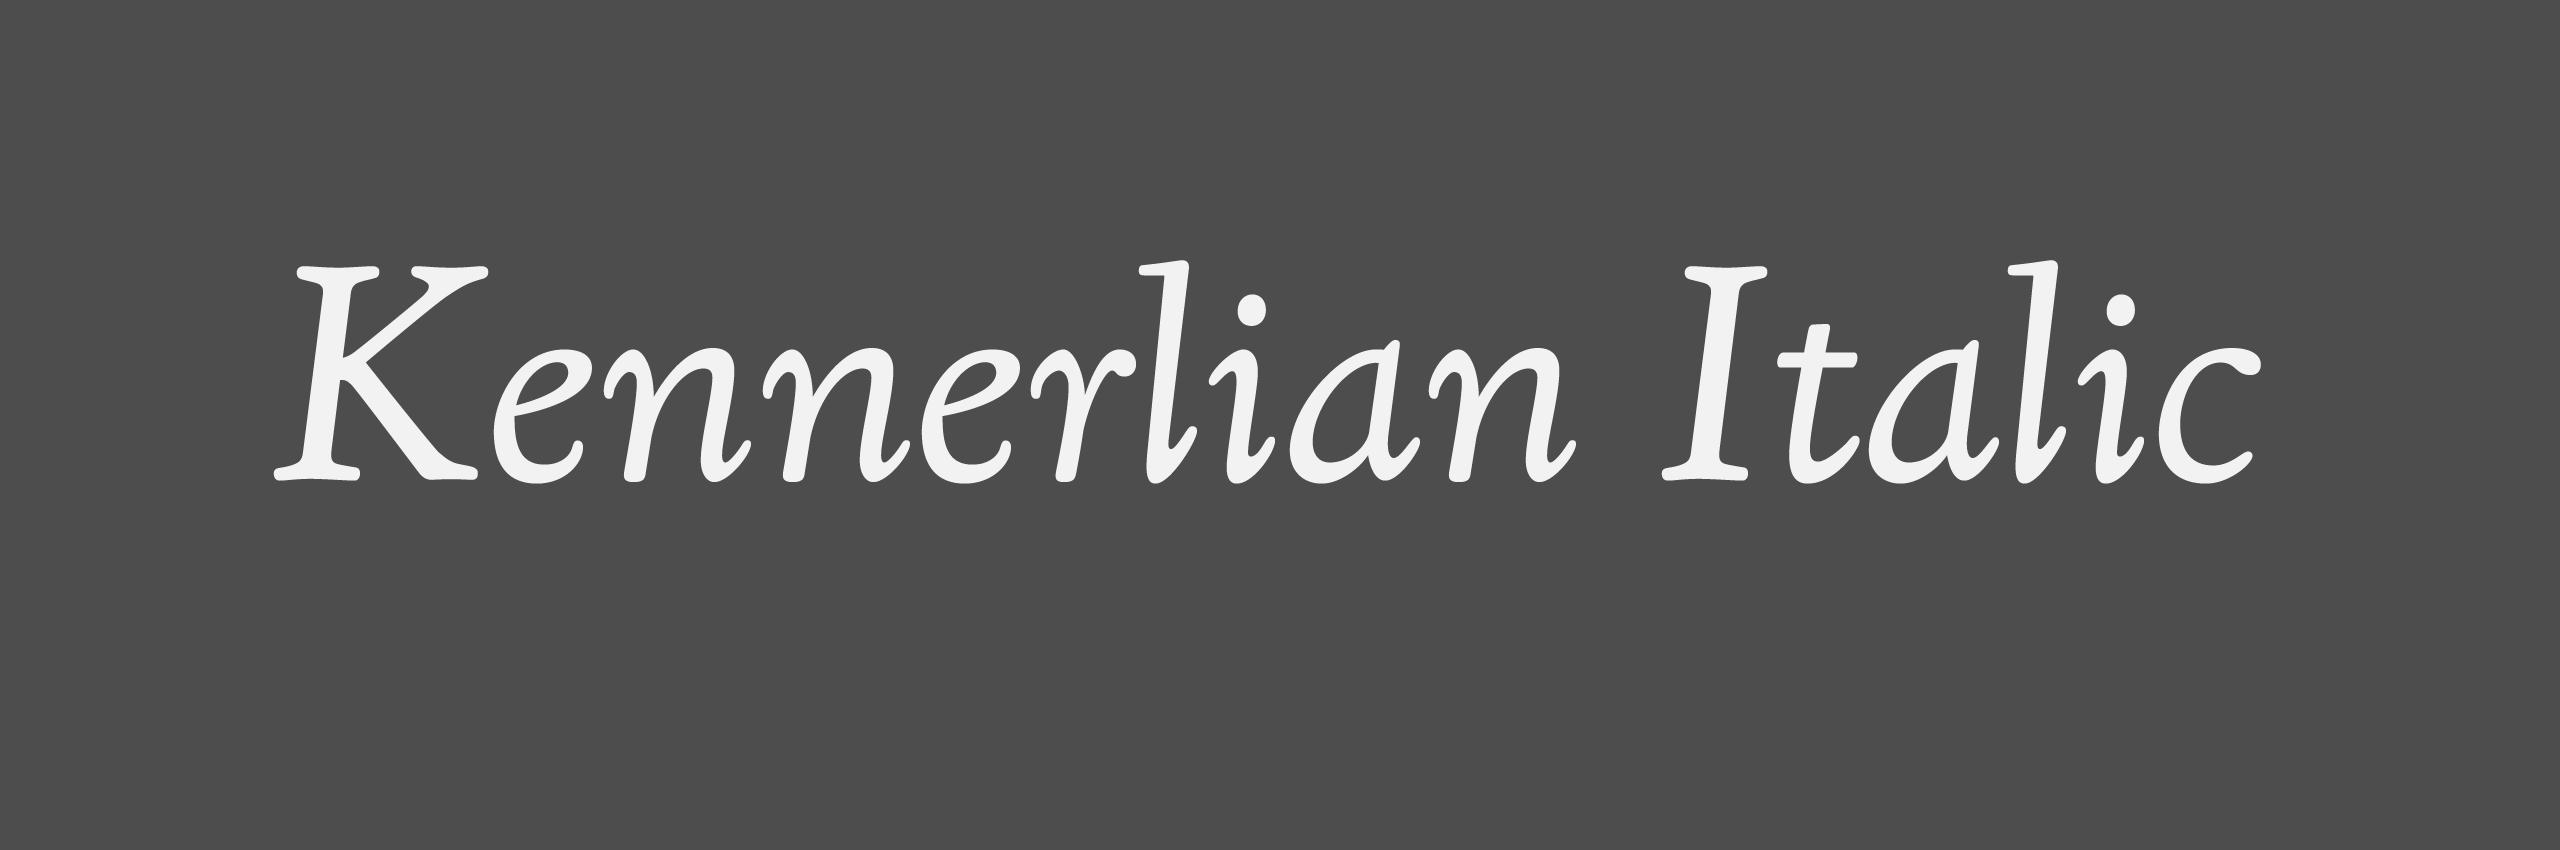 Kennerlian_styles